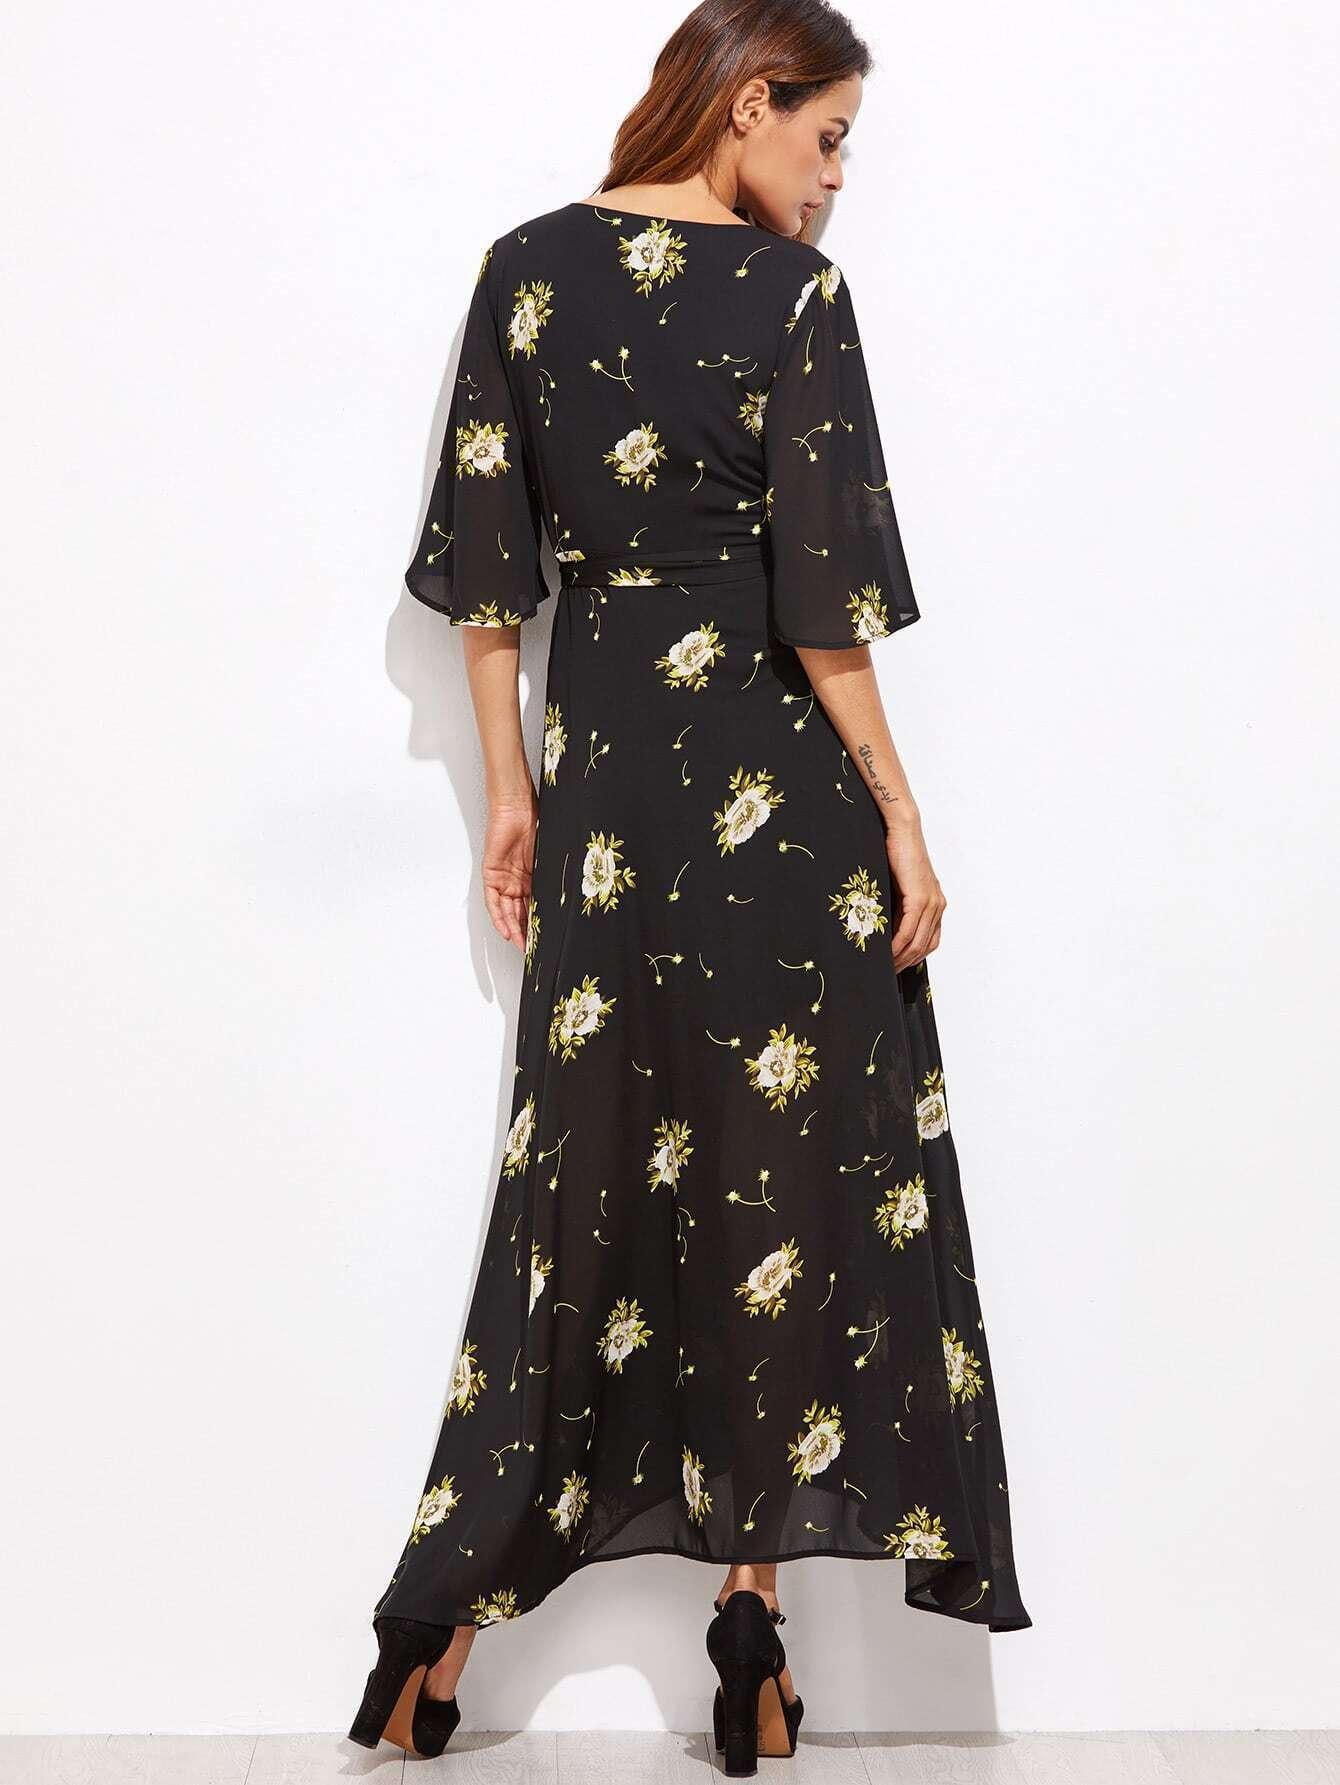 dress161006483_2